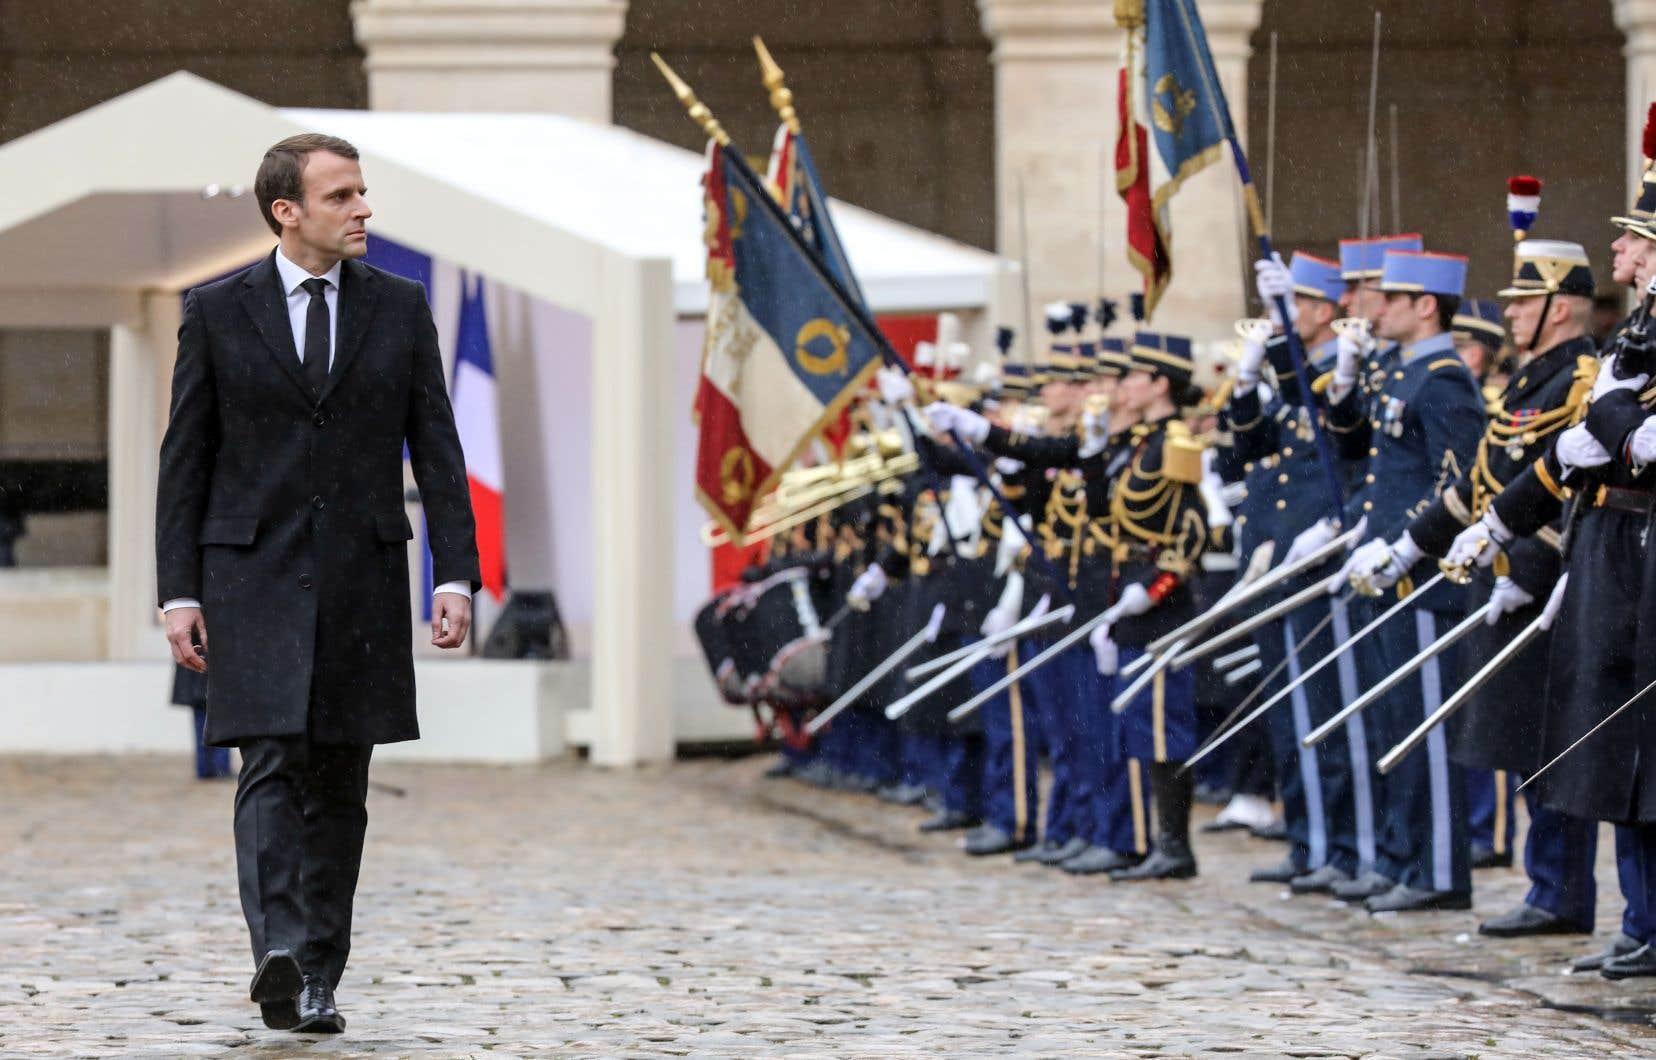 Mercredi, le président français, Emmanuel Macron, a assisté à une cérémonie nationale en hommage au lieutenant-colonel Arnaud Beltrame, qui s'était substitué à une des otages faites lors de l'attaque terroriste perpétrée à Trèbes, le 23mars.